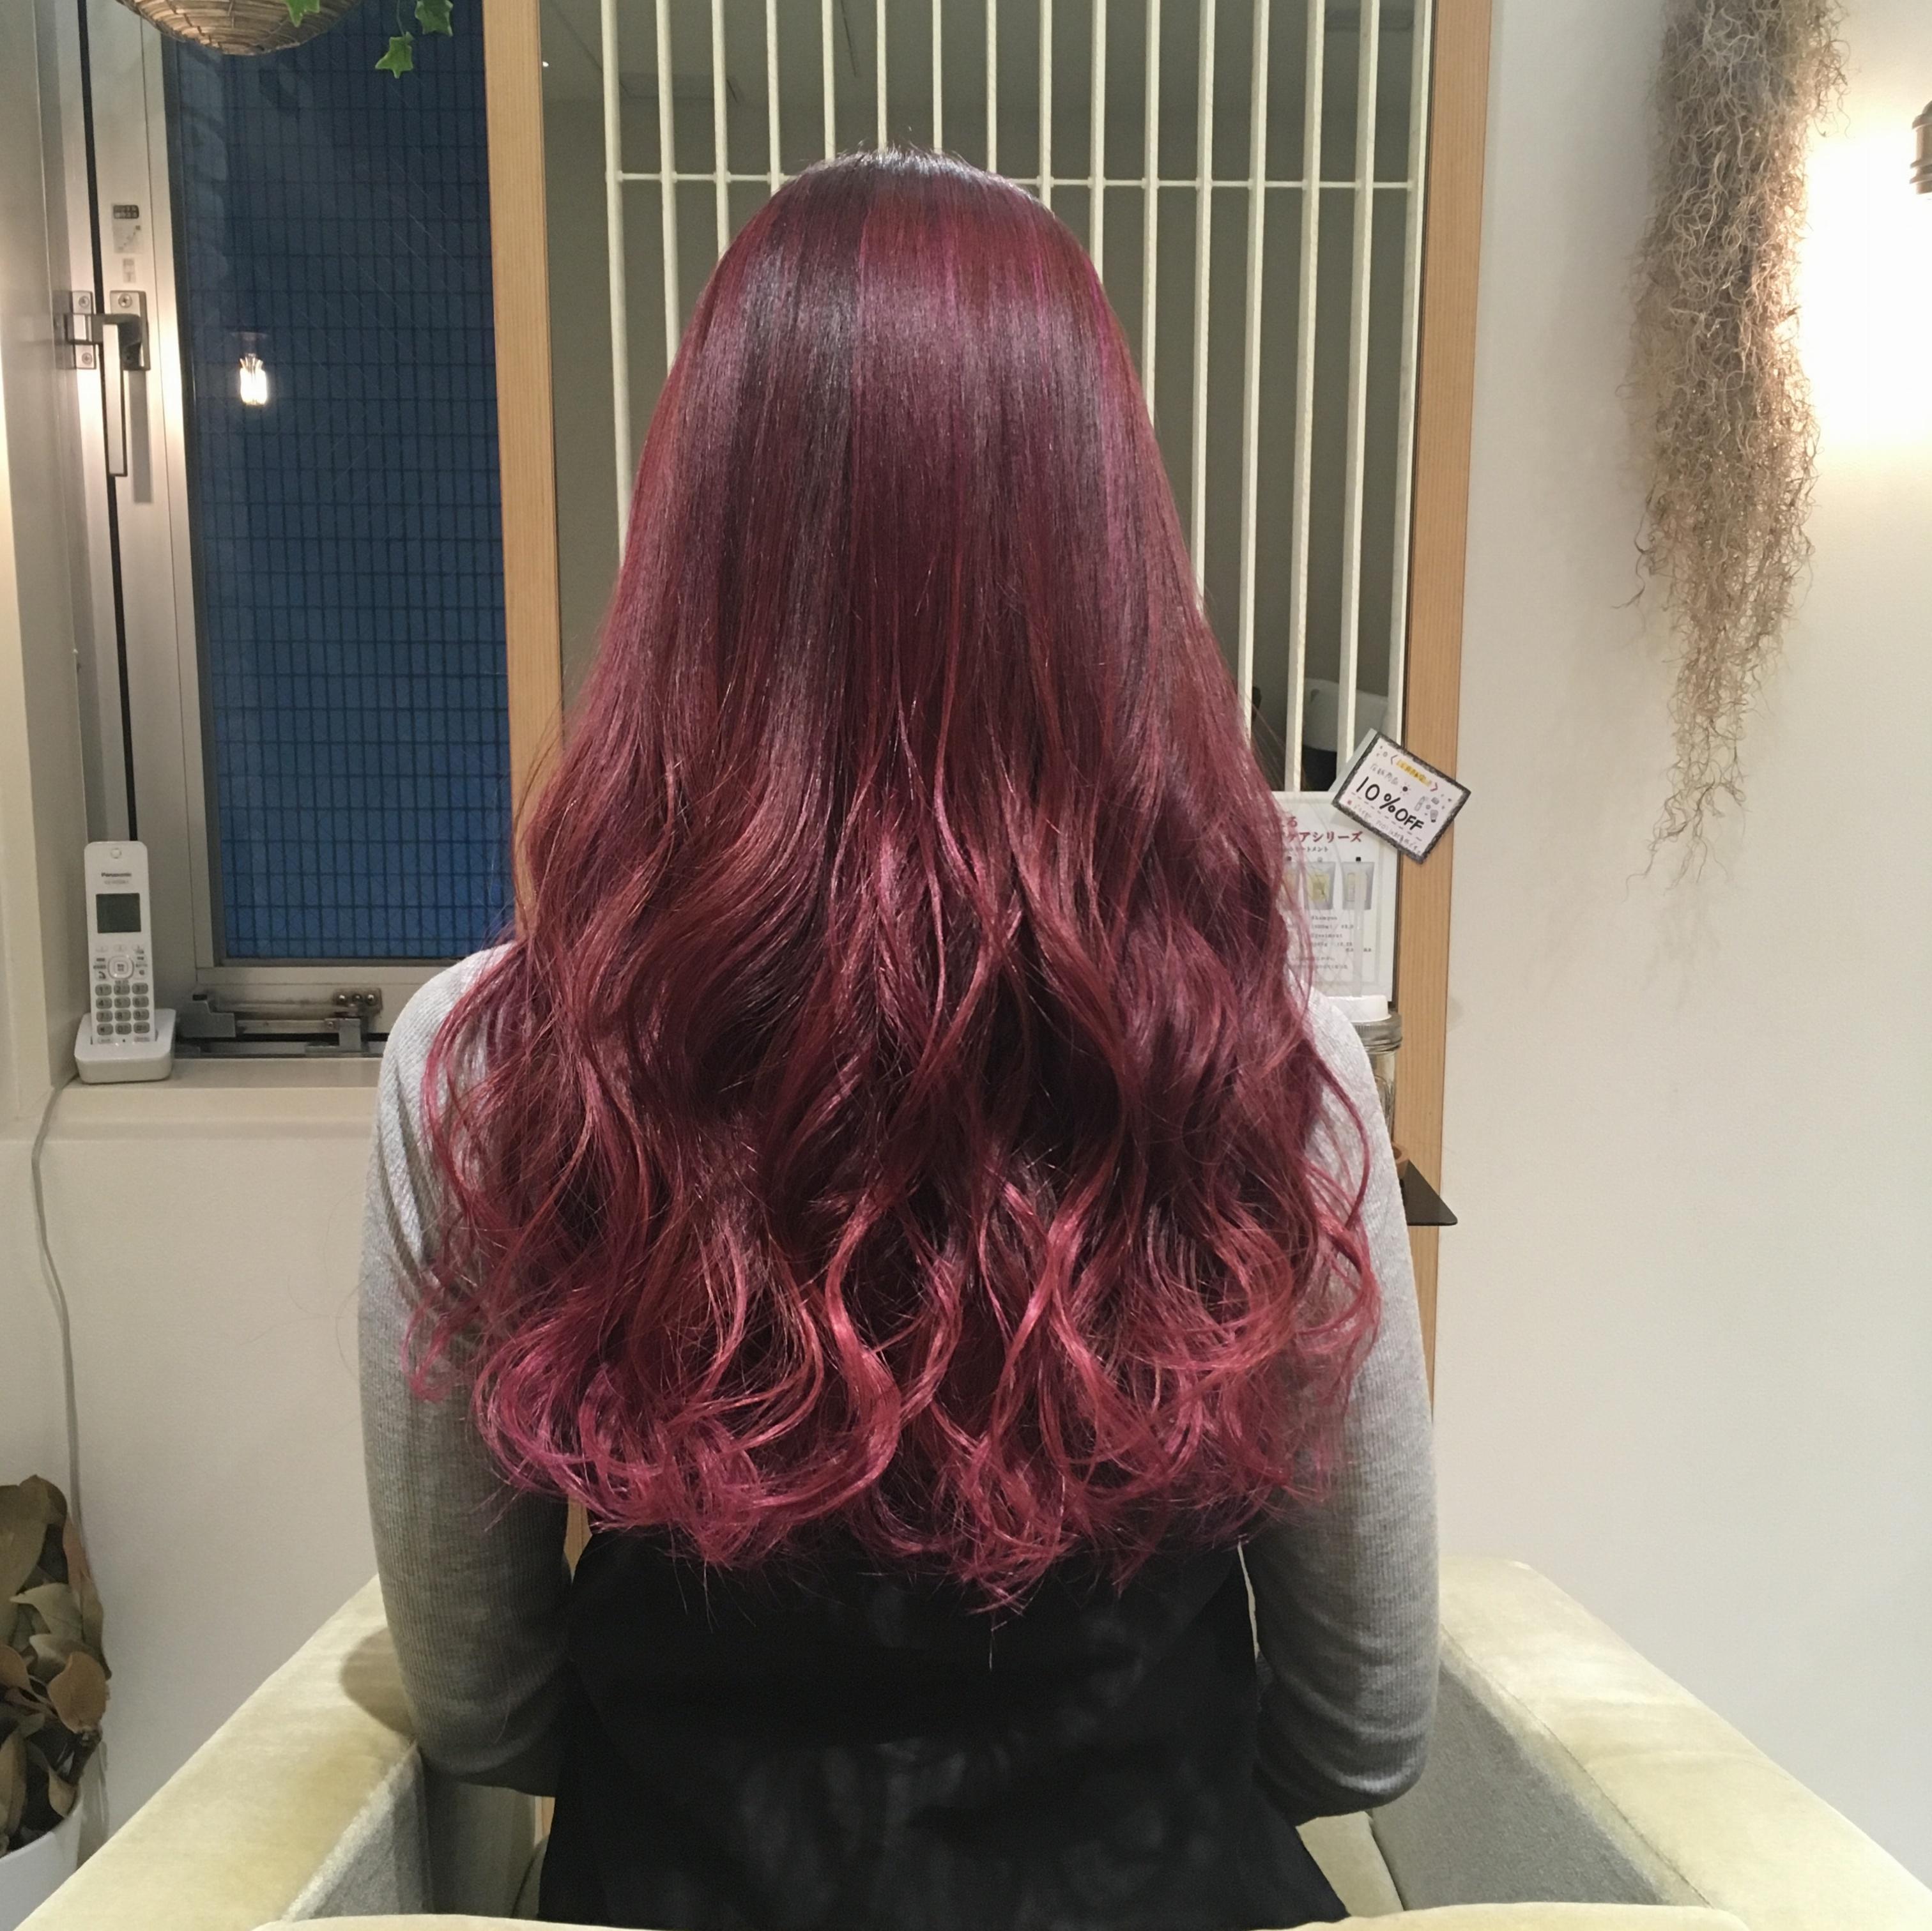 2018年最初のカラーはこの色に決めた!!なりたいカラーが叶うヘアサロン♪_10